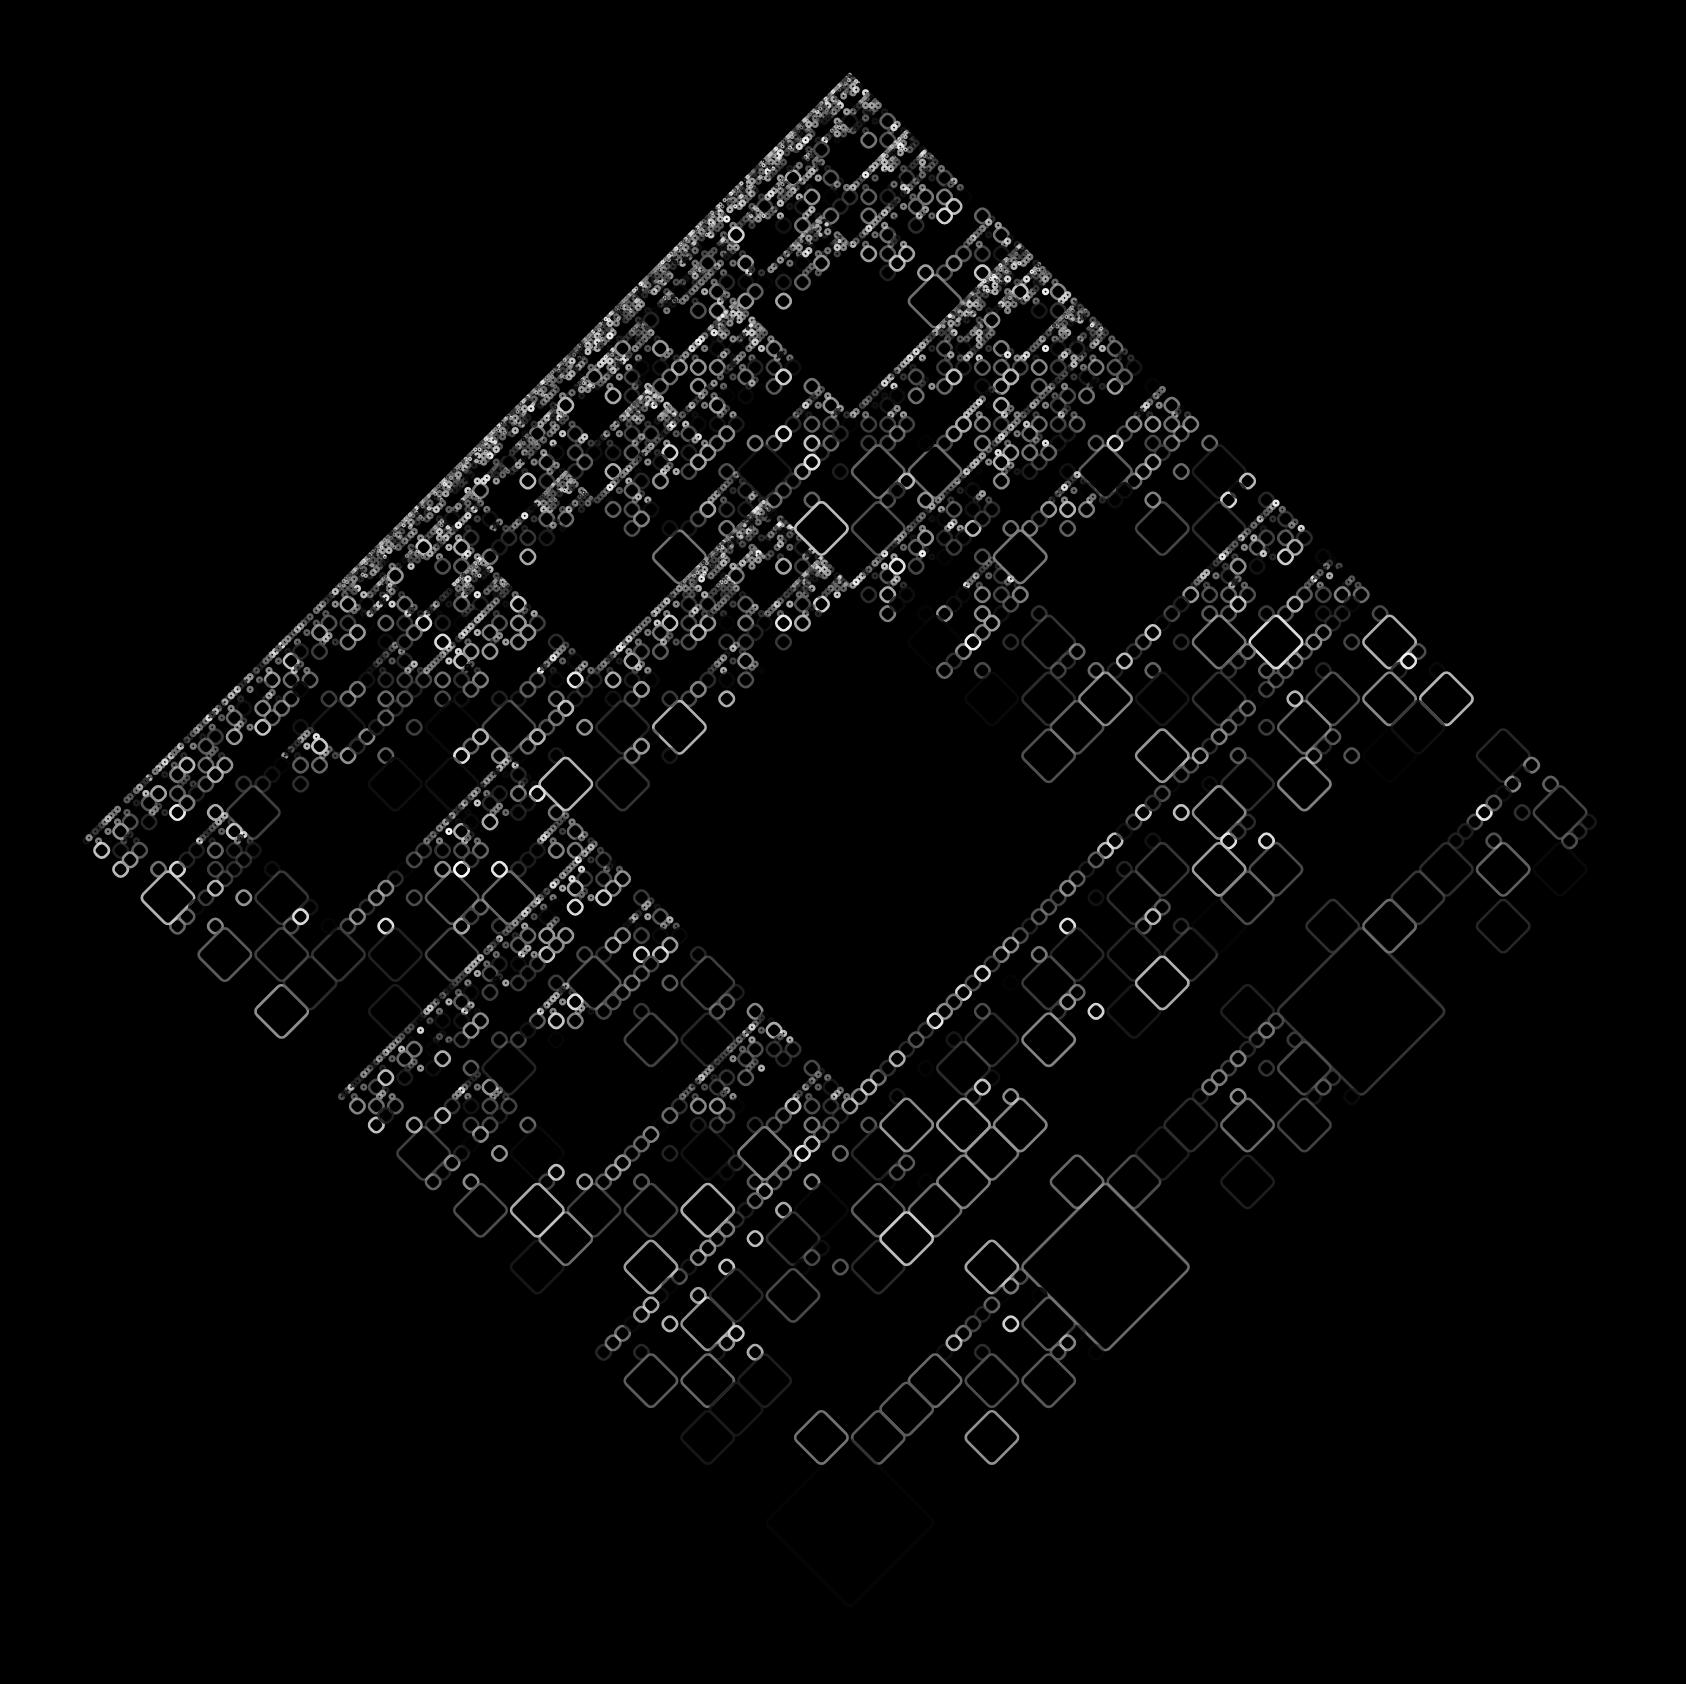 Sierpinski Fractals 2